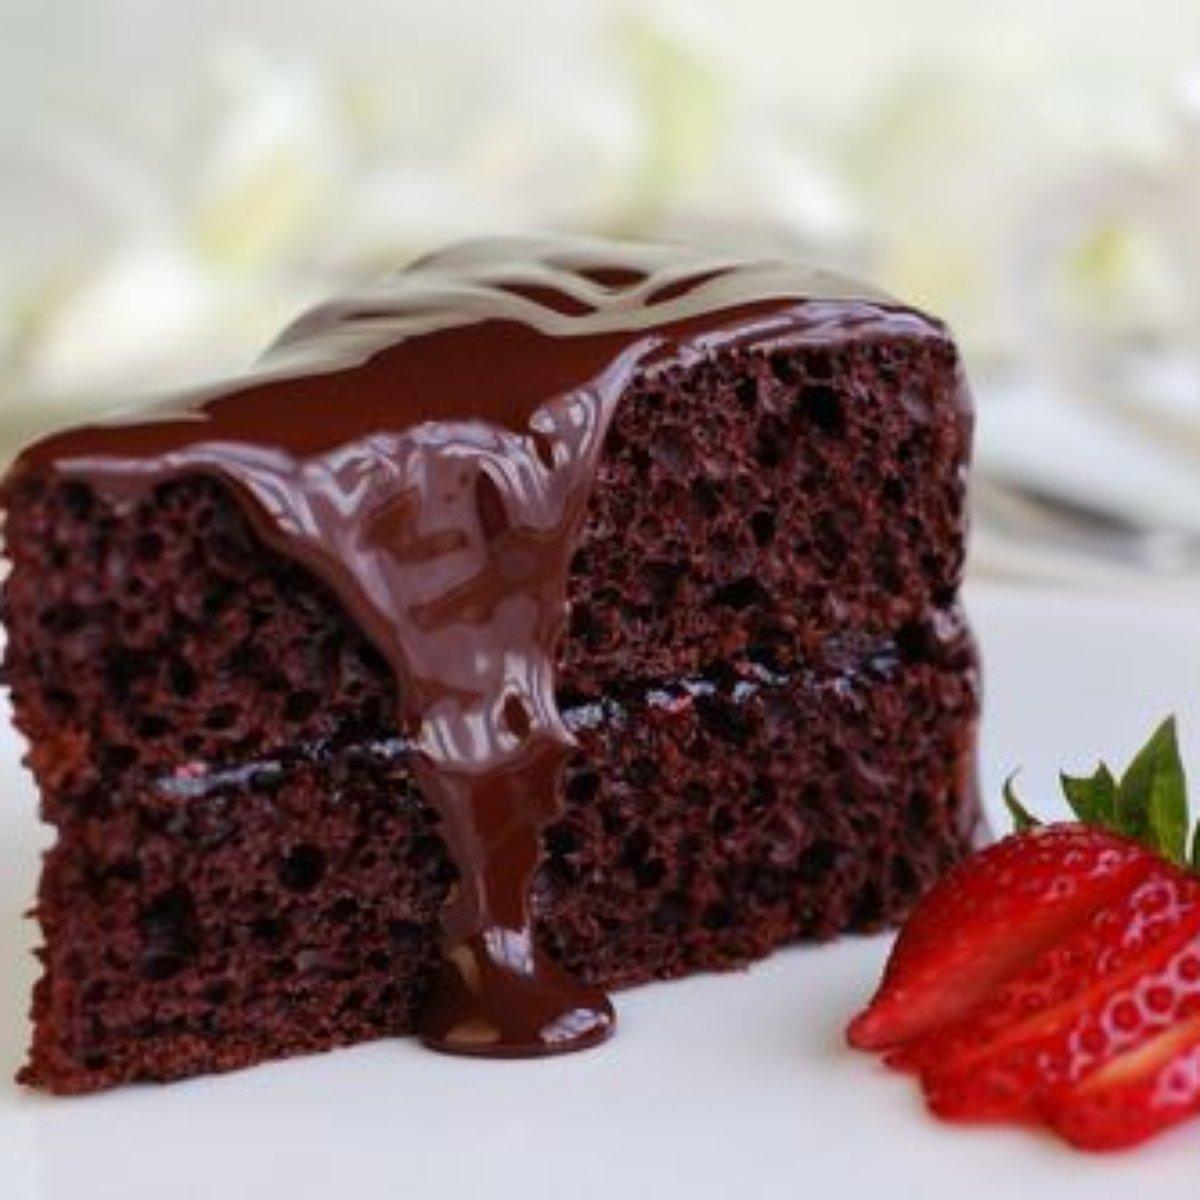 db5d091a6 Receita de bolo de chocolate fofinho: como fazer